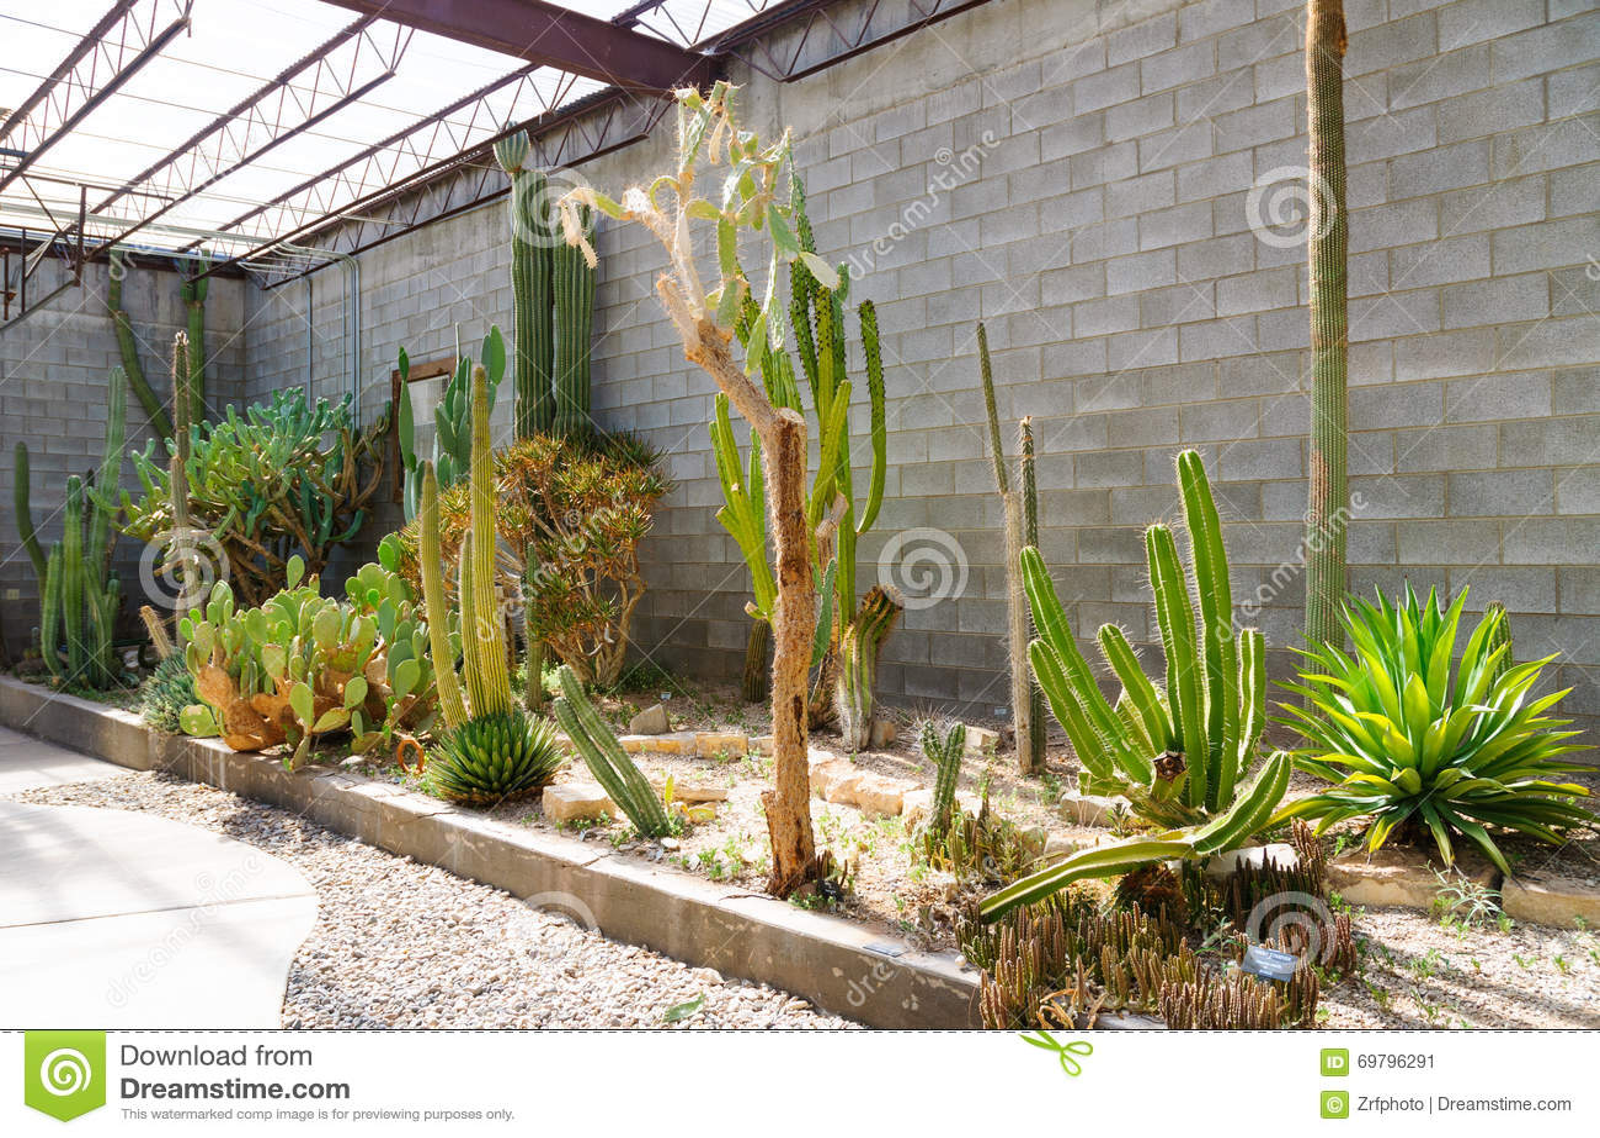 Parque de estado vivo de jardines del parque zool gico del for Jardin del desierto